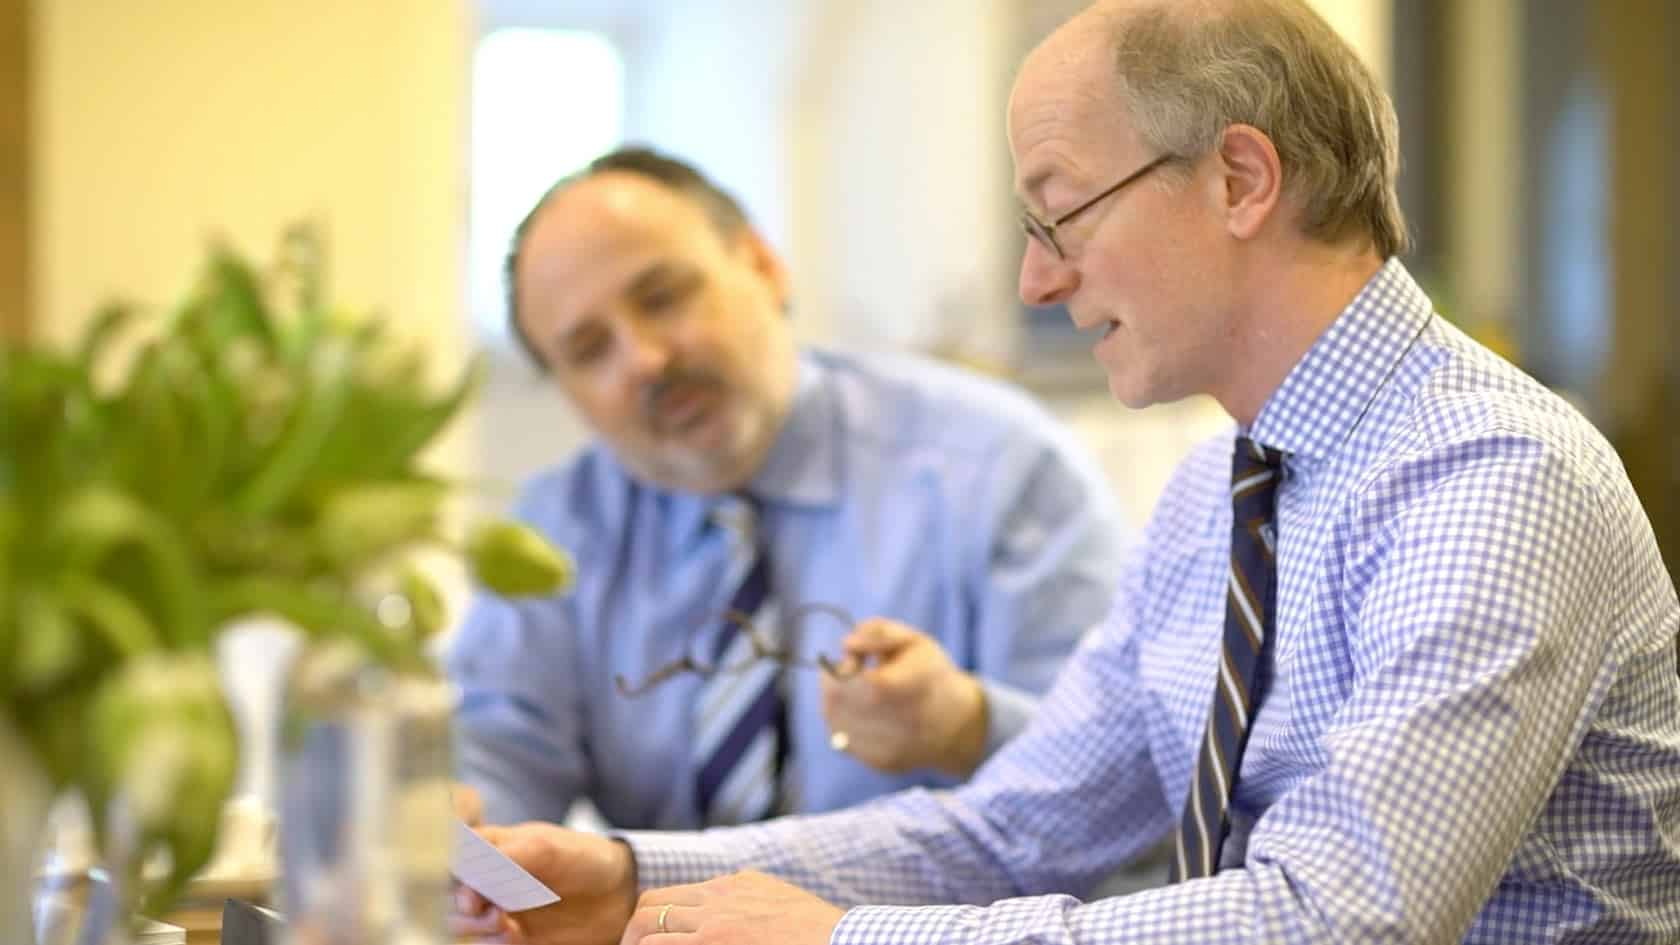 Sukcesja firmy w Krefeld: Rozmowa z Klausem Knuffmannem i Nilsem Koerberem